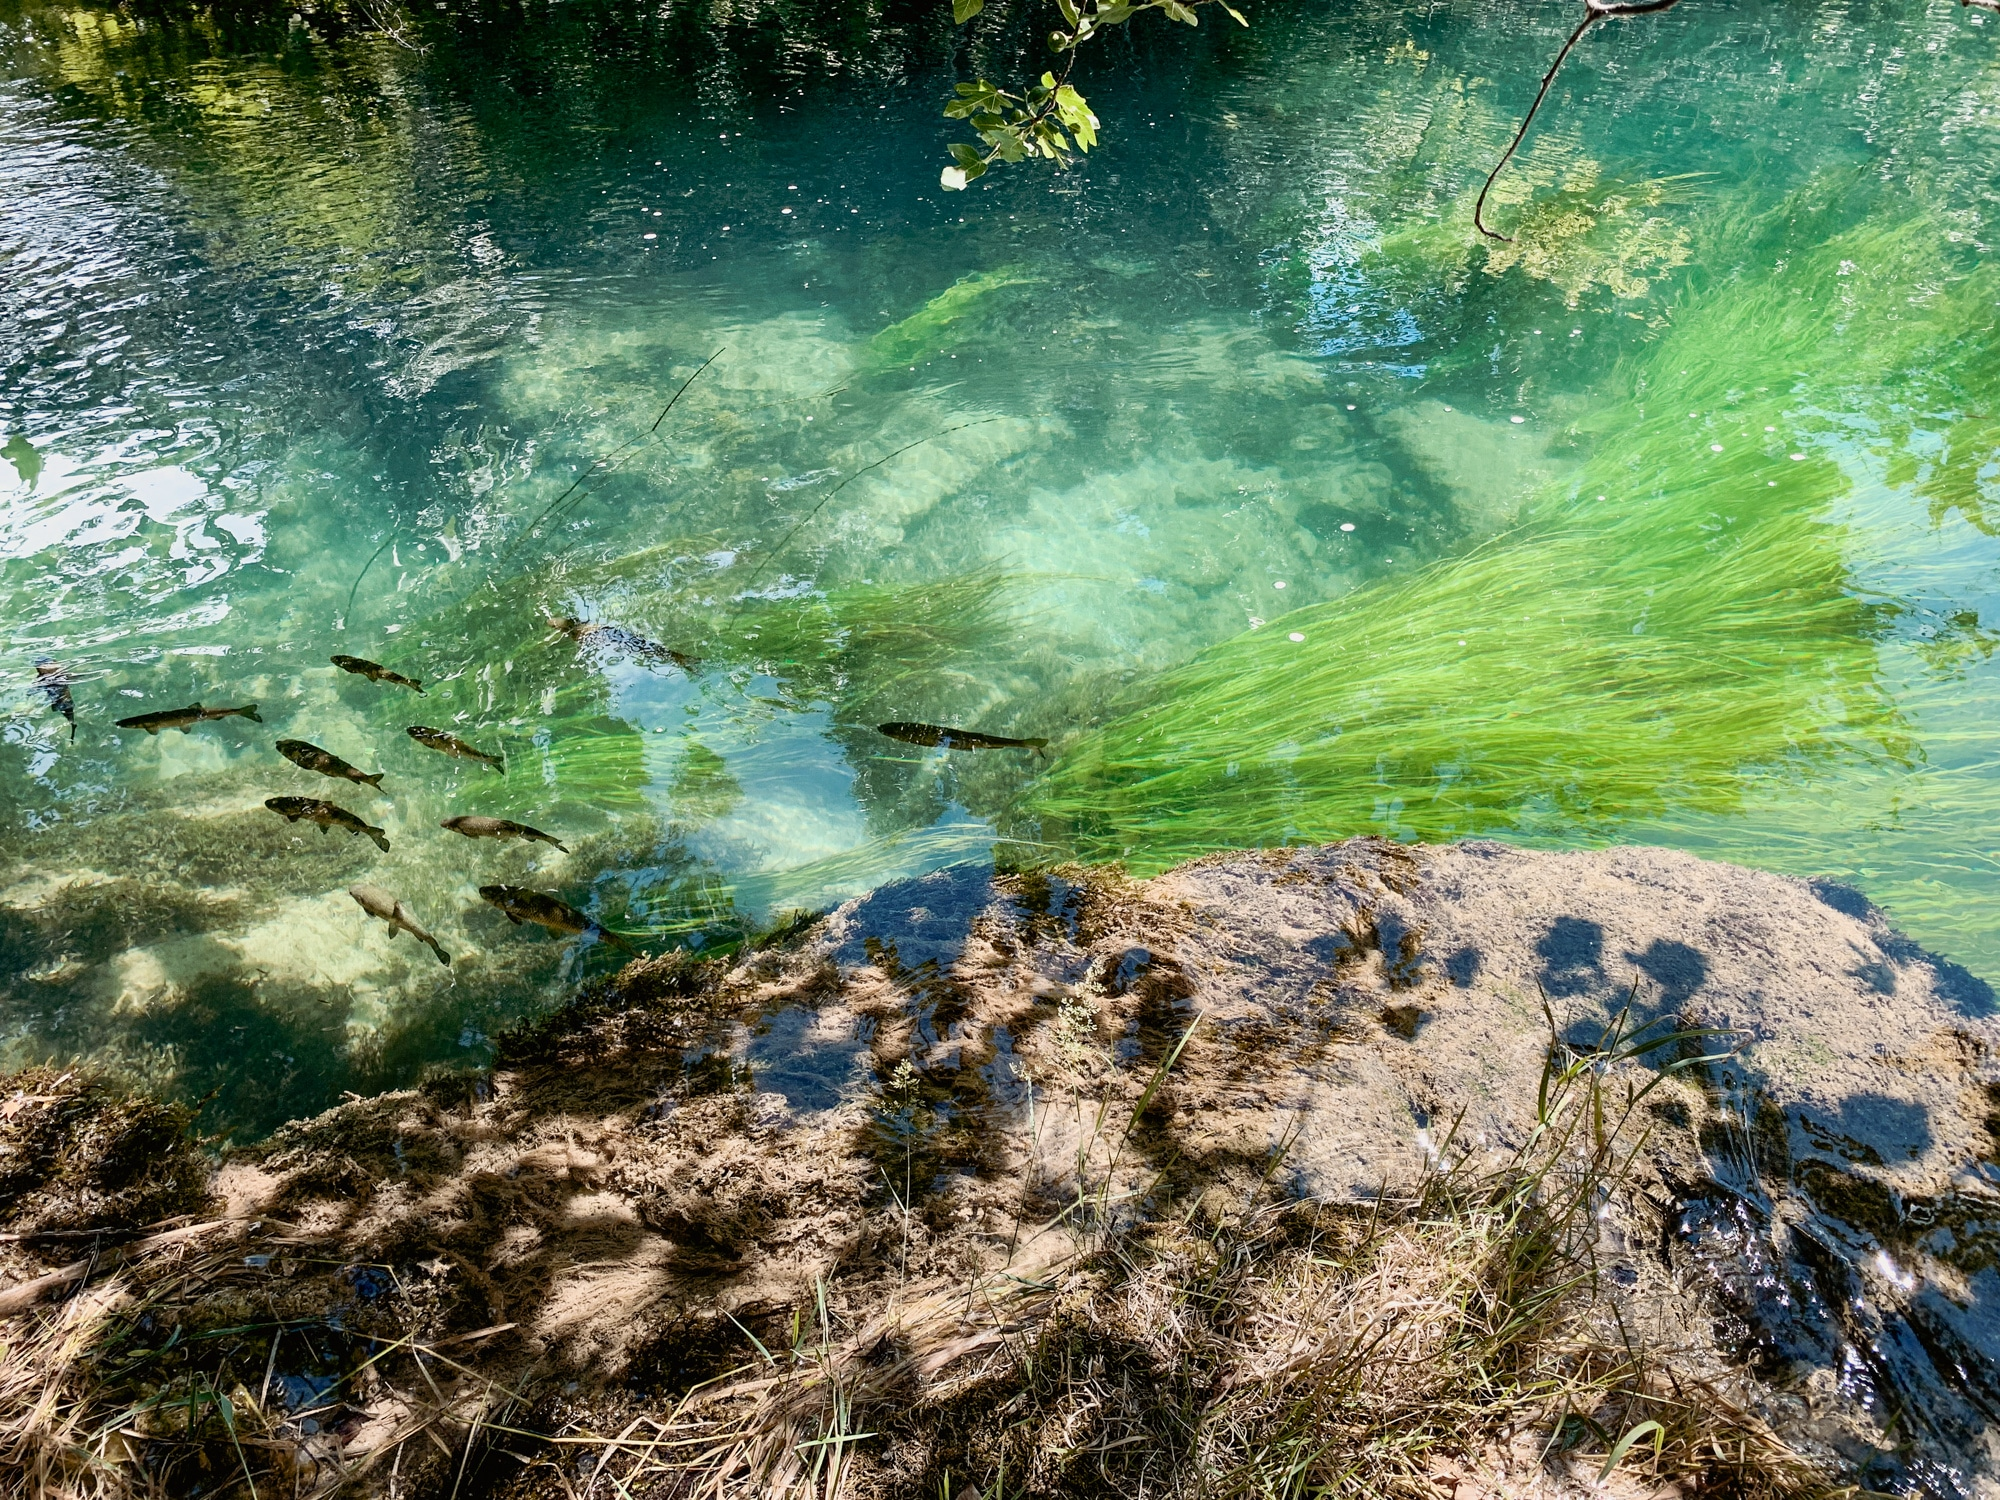 Krka Nationalpark: Tipps, Sehenswürdigkeiten und die Highlights im Park - Fische im glasklaren See